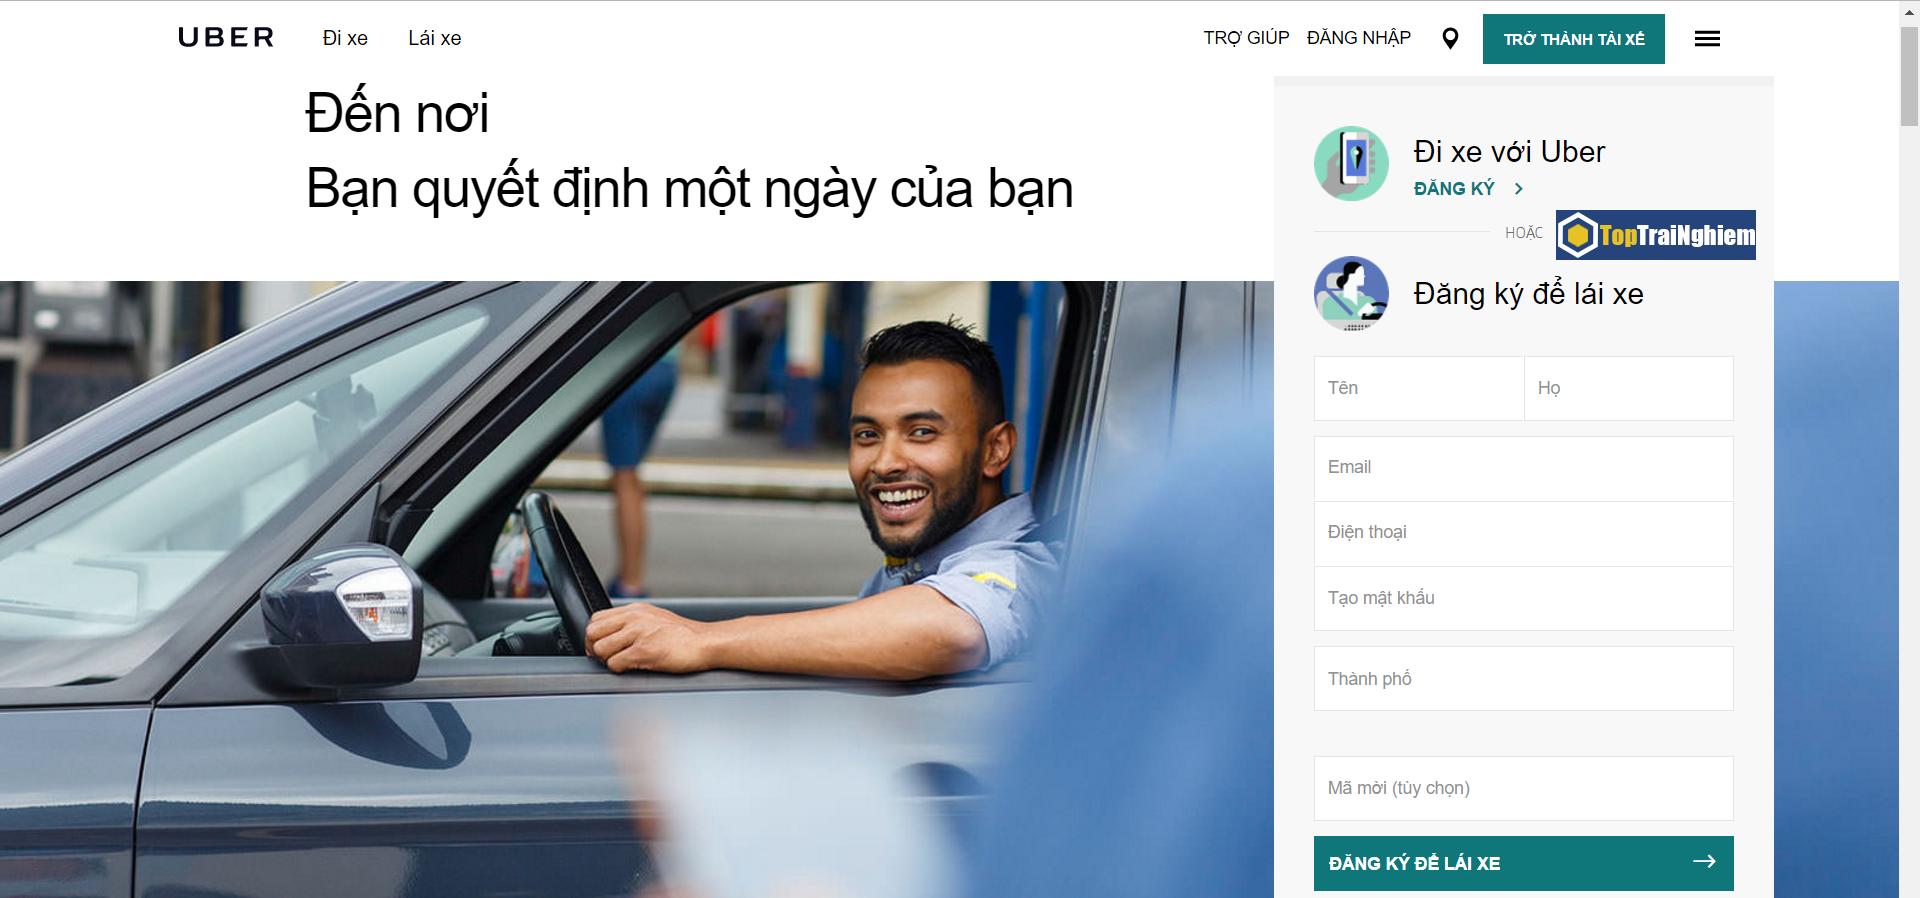 Đăng ký lái xe Uber để có những hành trình đáng nhớ